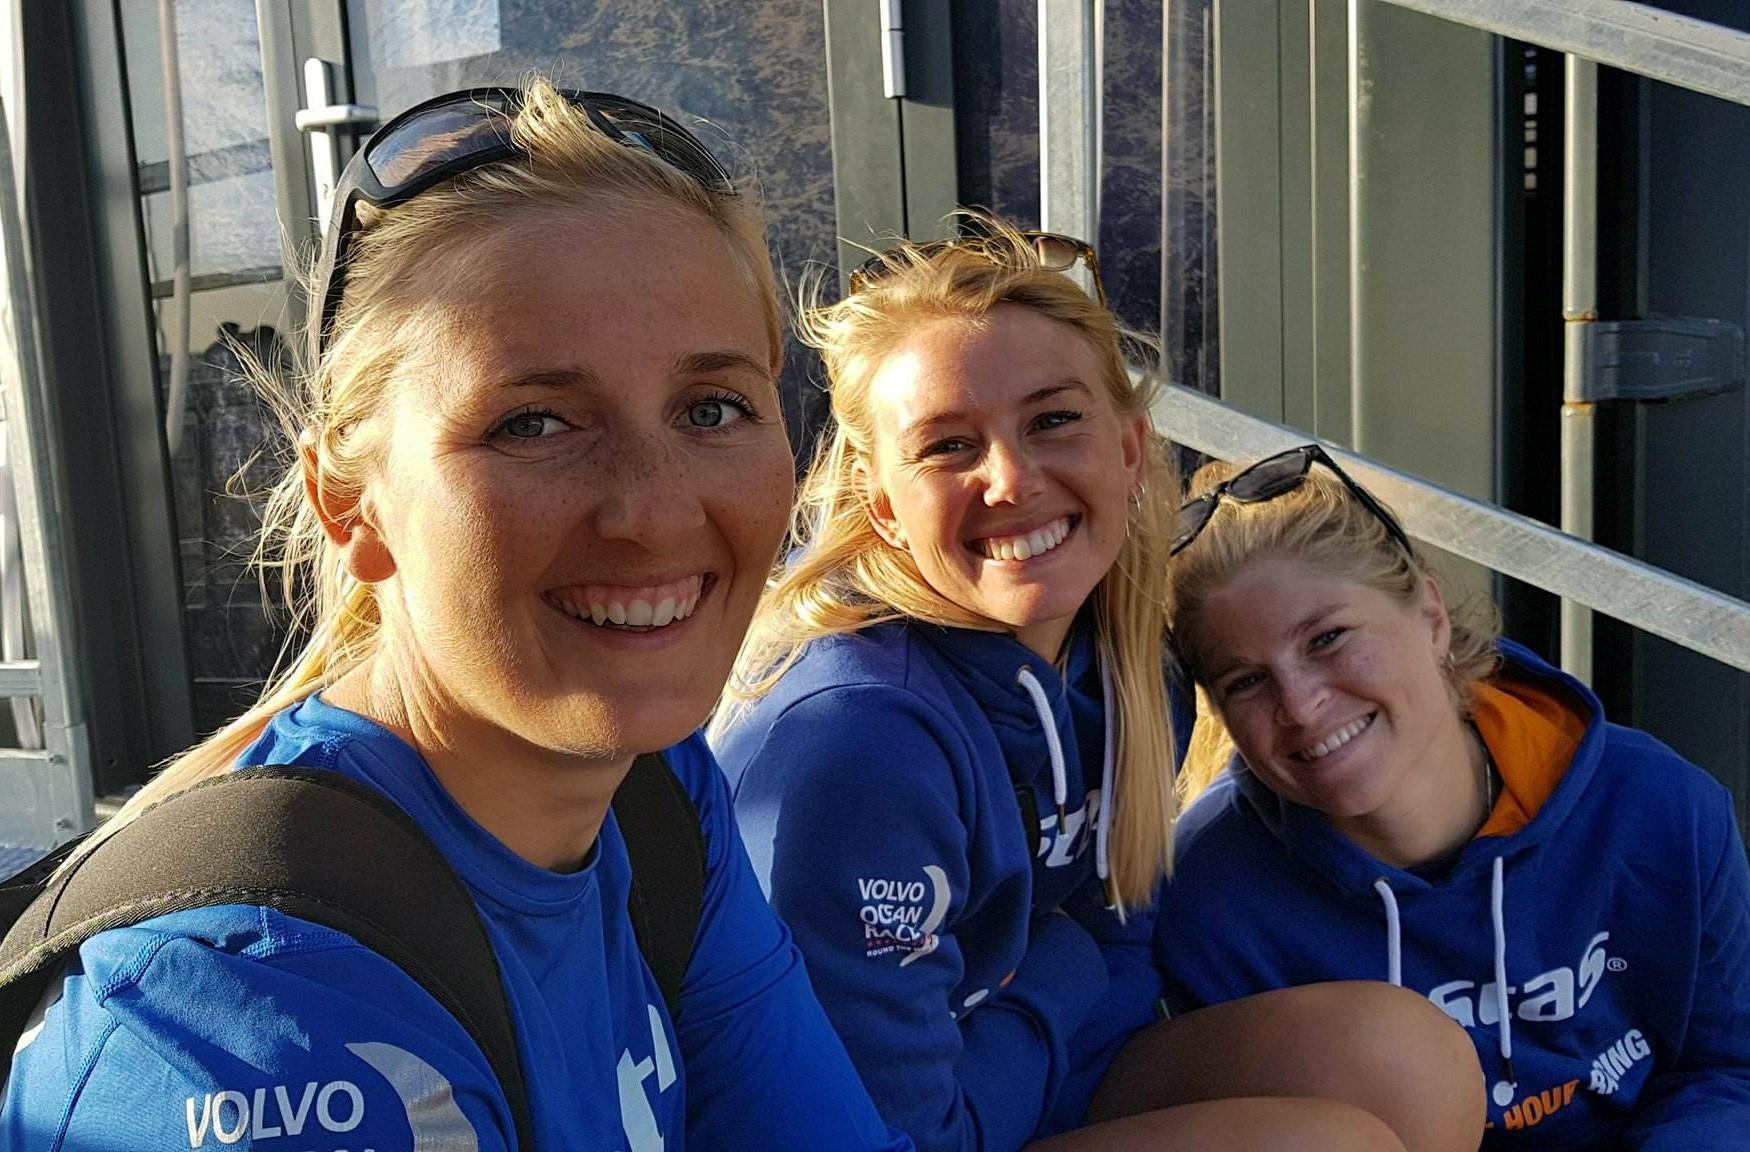 Fra venstre ses Jena Mai Hansen, Lin Ea Cenholt og Katja Salskov-Iversen, de to sidstnævnte har sejlet VIP-sejlads for Vestas i M32. Foto: Troels Lykke